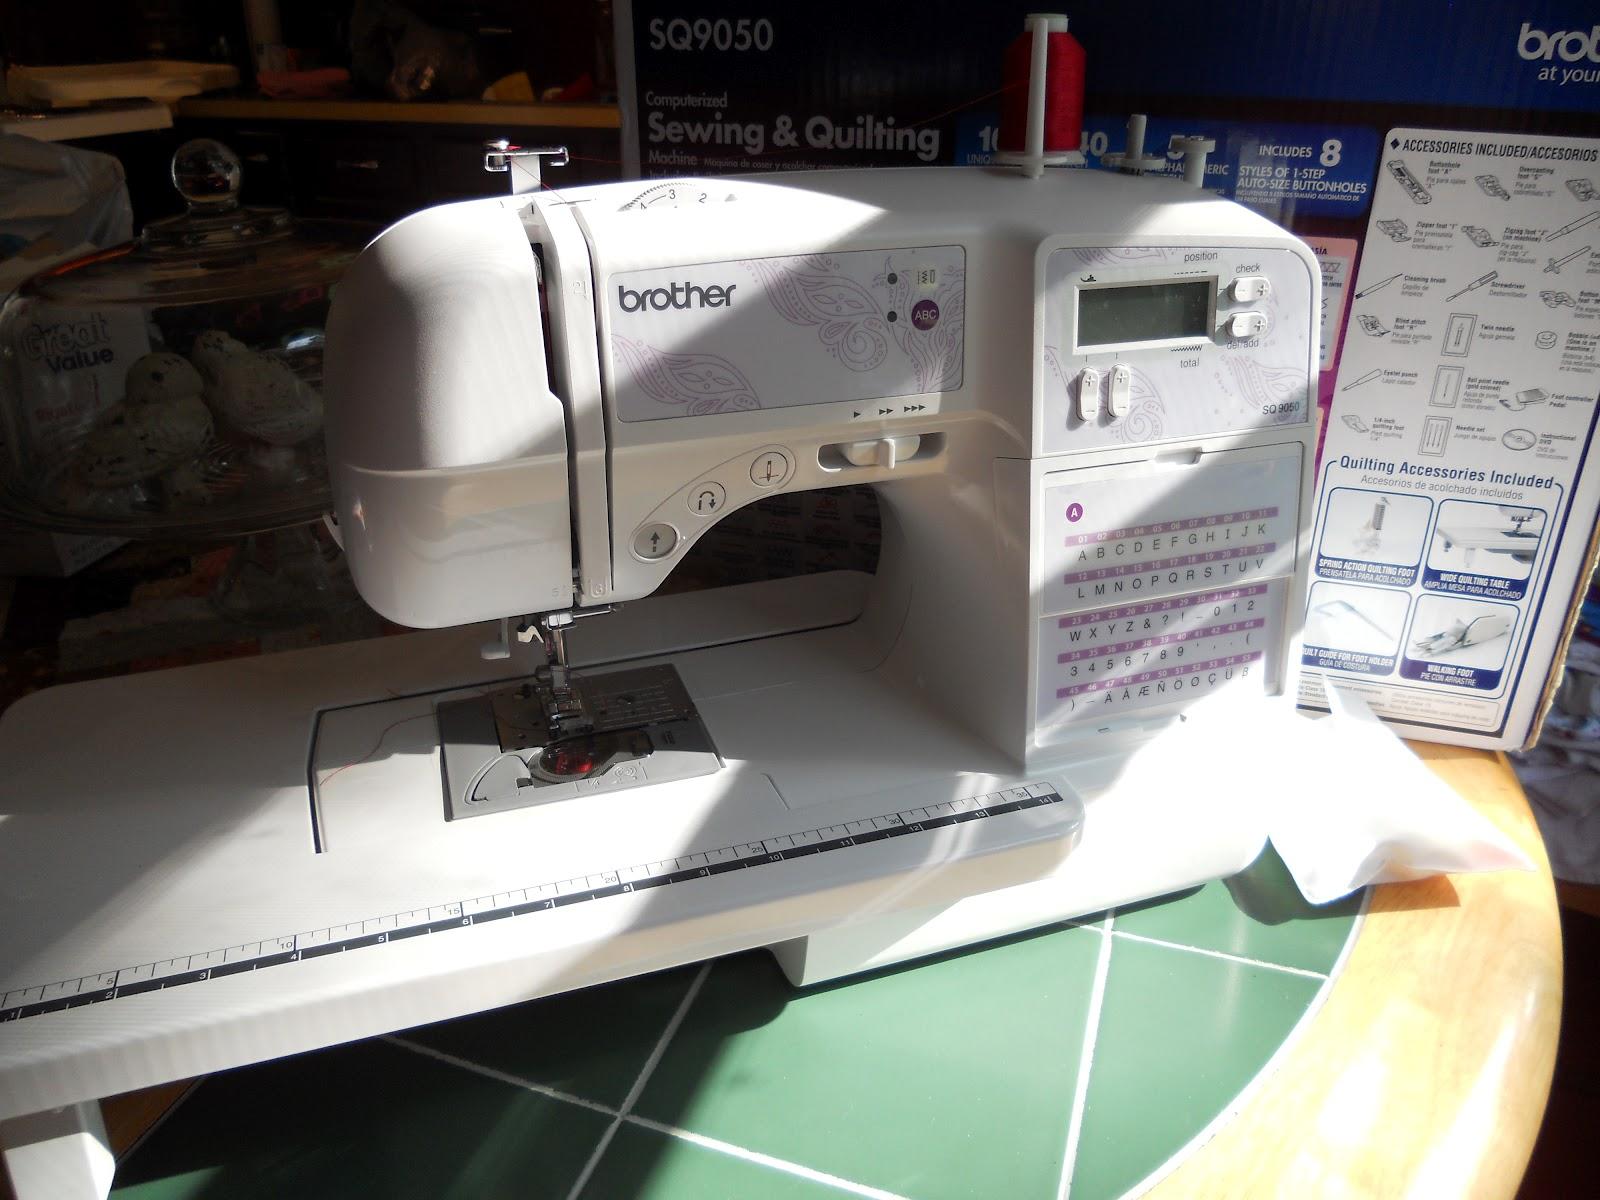 sewing machine sq9050